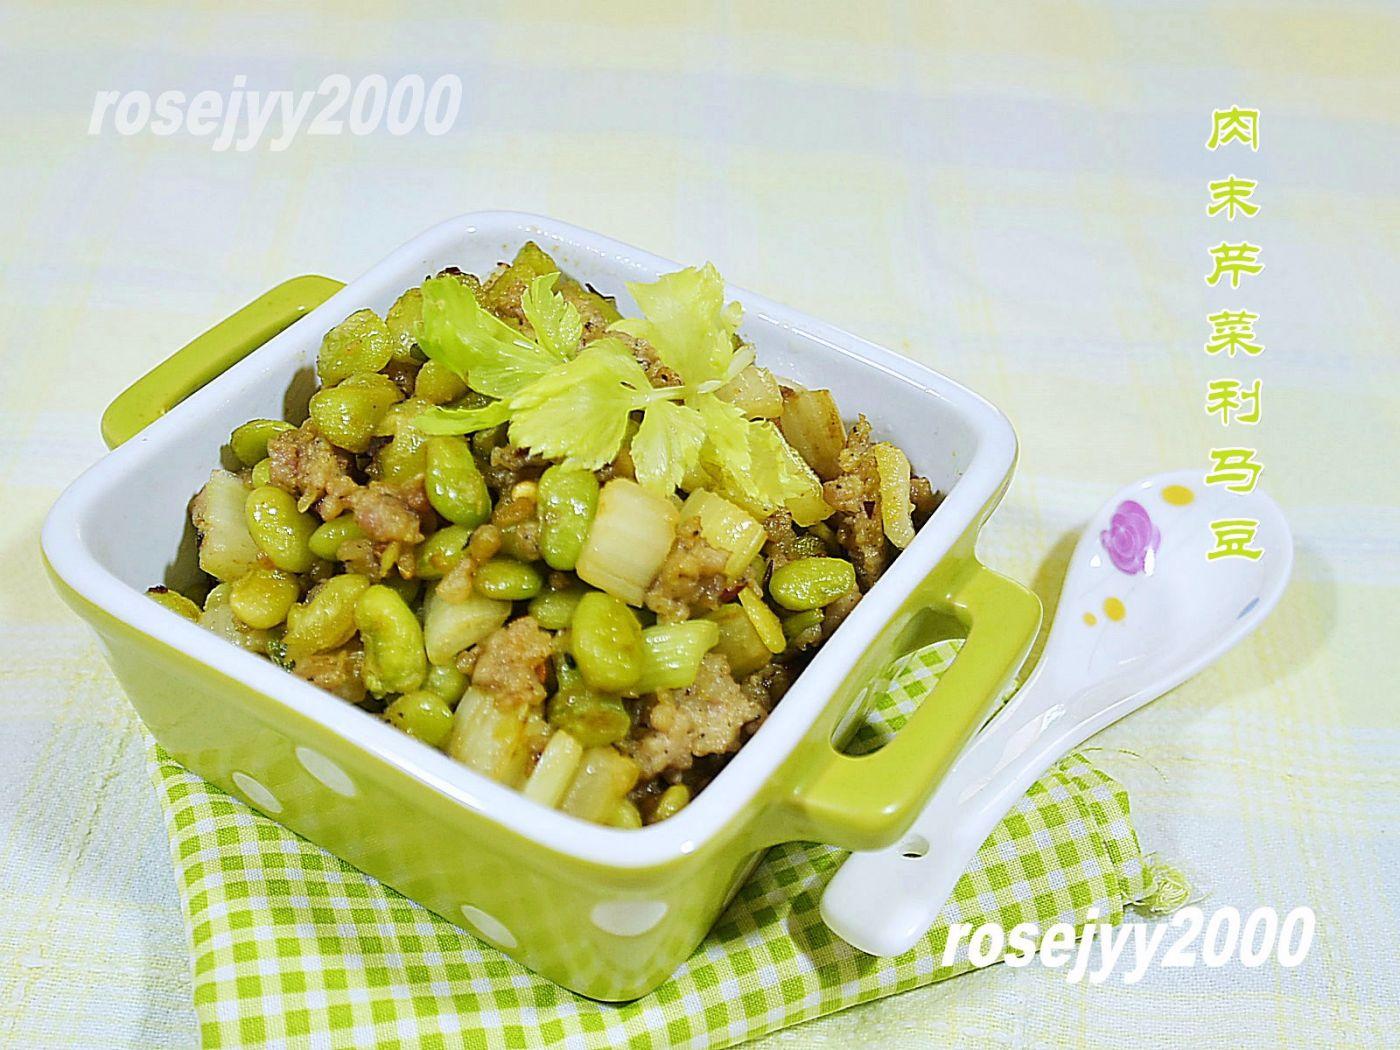 肉末芹菜利马豆_图1-1